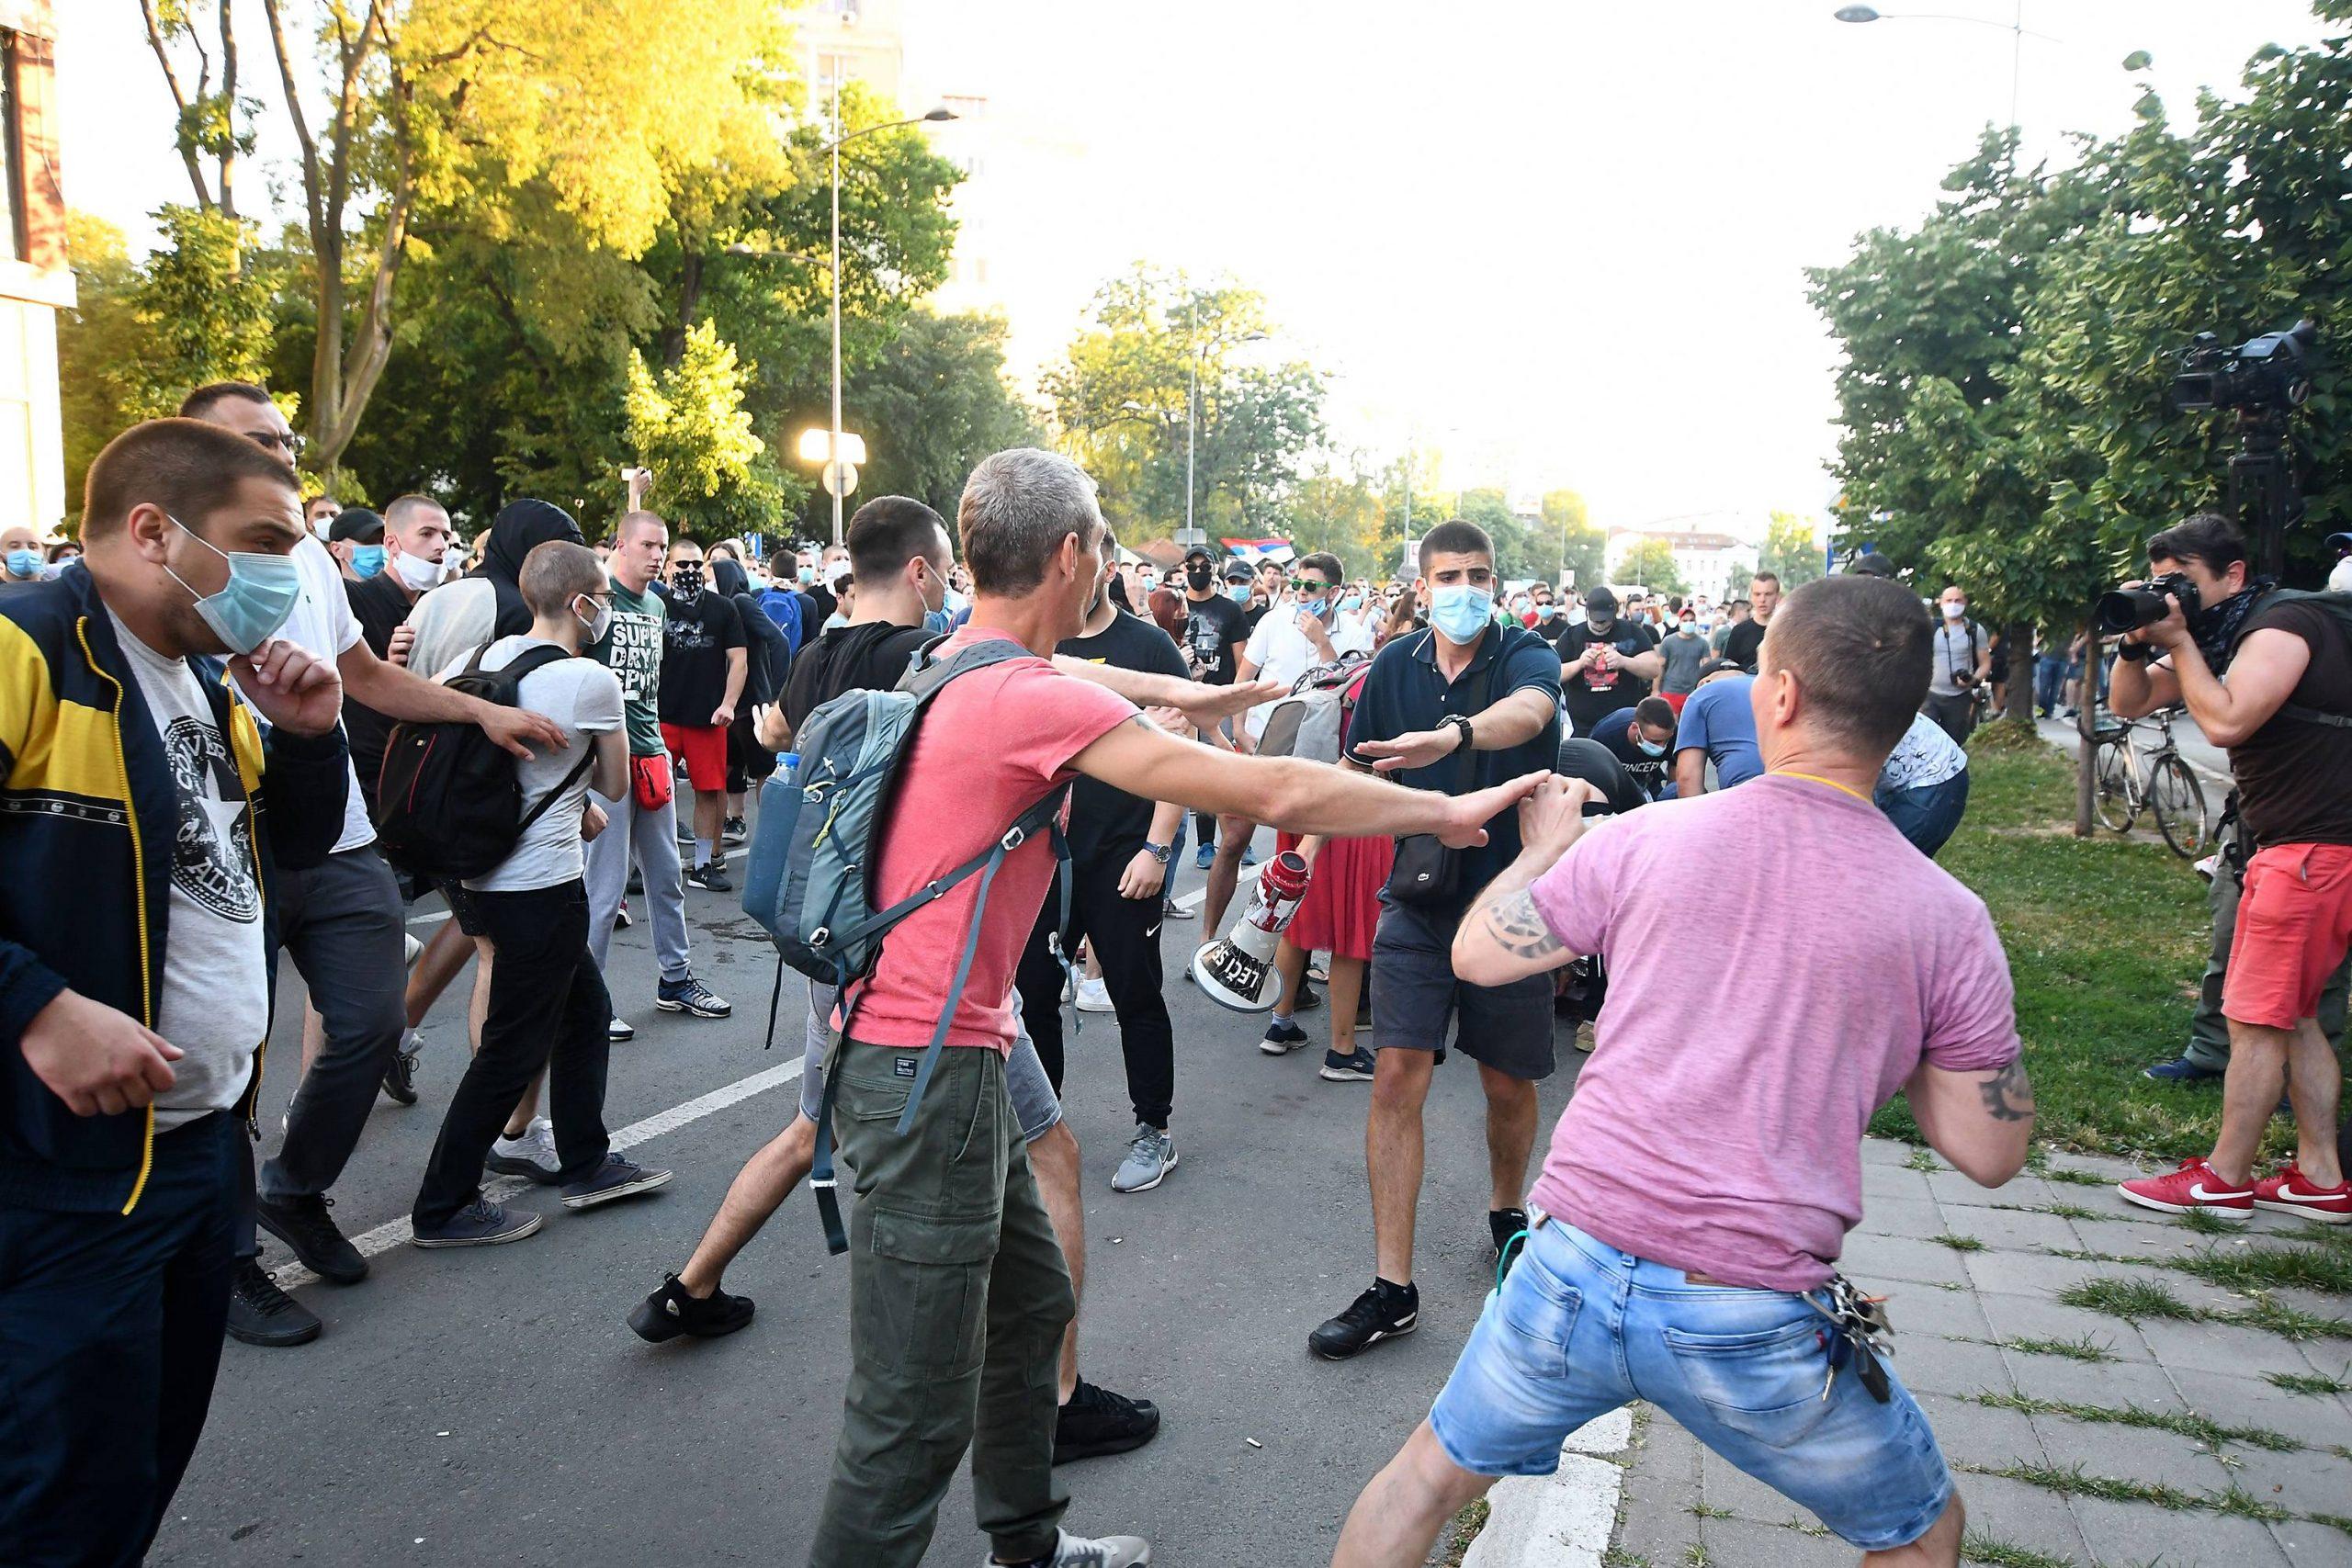 Protesti i u Novom Sadu, Nišu, Kragujevcu, Smederevu (VIDEO, FOTO) 1